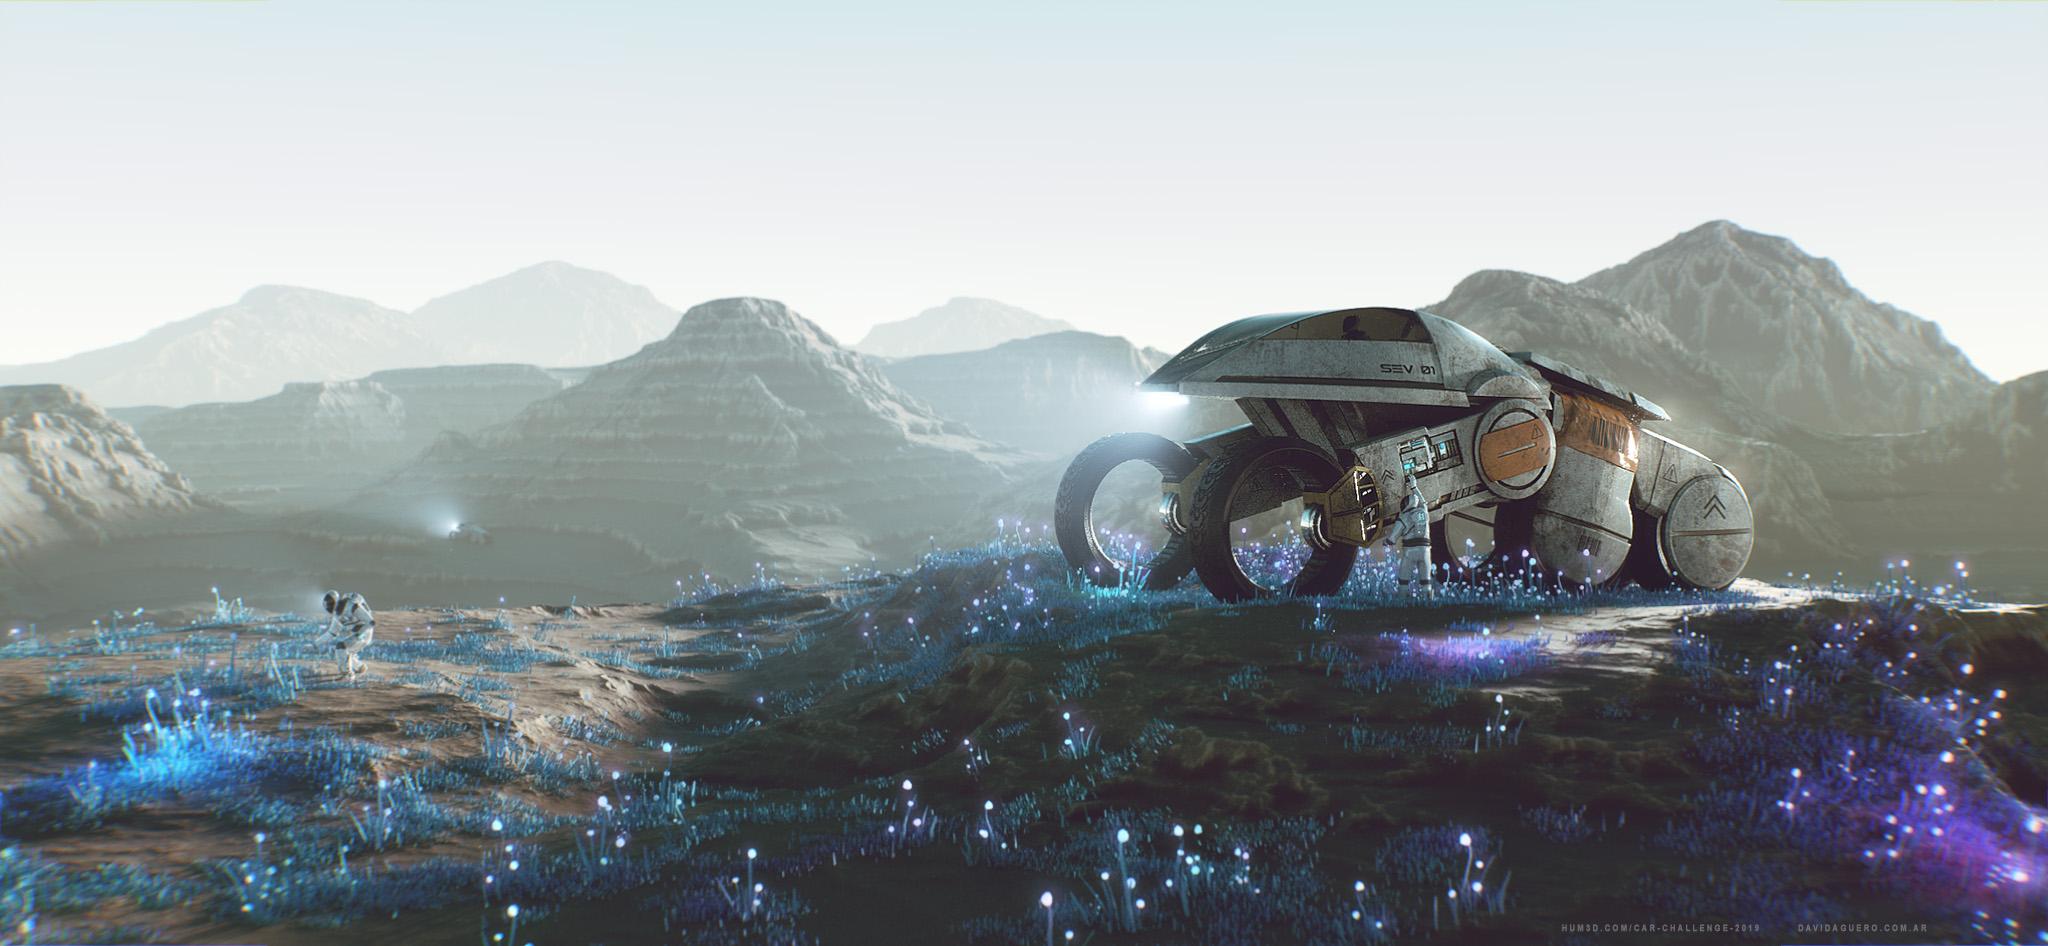 Terra 2 3d art